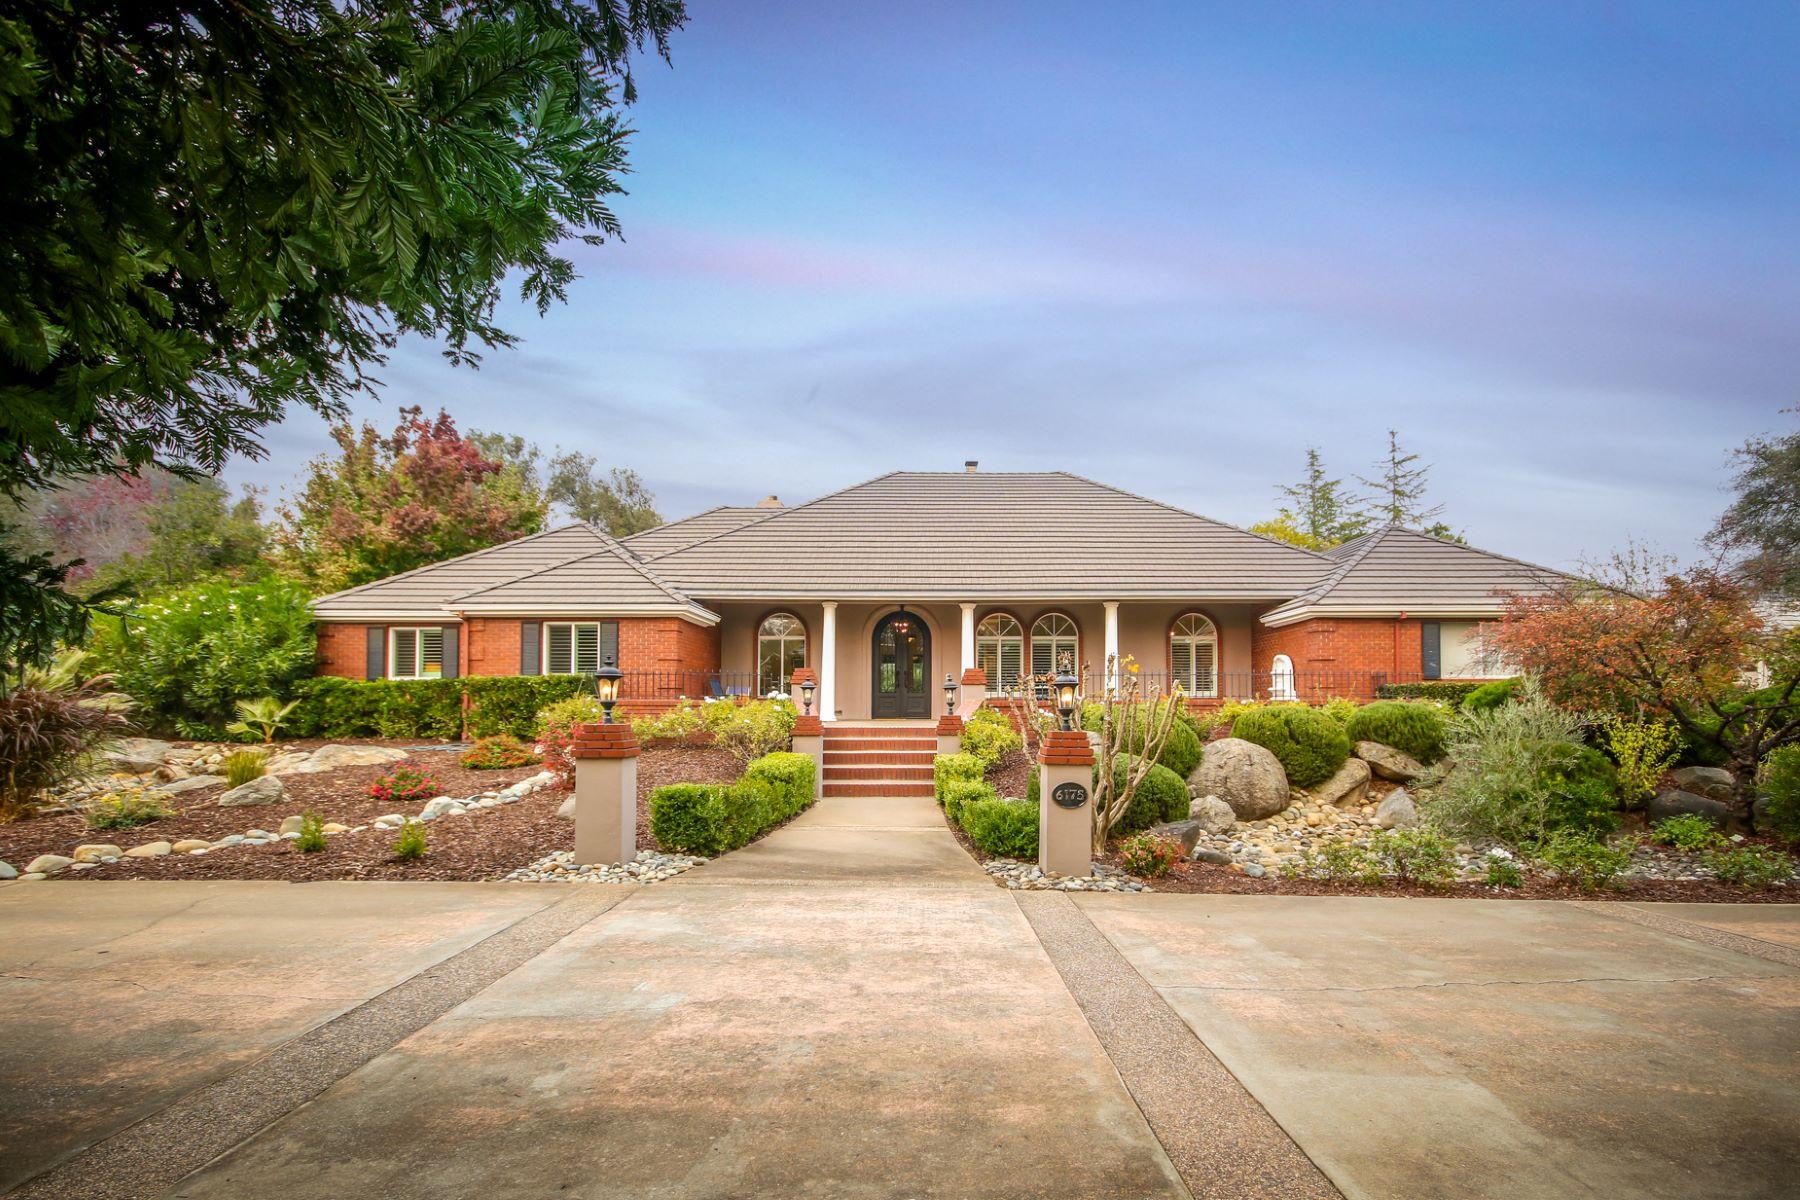 Casa Unifamiliar por un Venta en 6175 Via Madrid, Granite Bay, CA 95746 6175 Via Madrid Granite Bay, California 95746 Estados Unidos